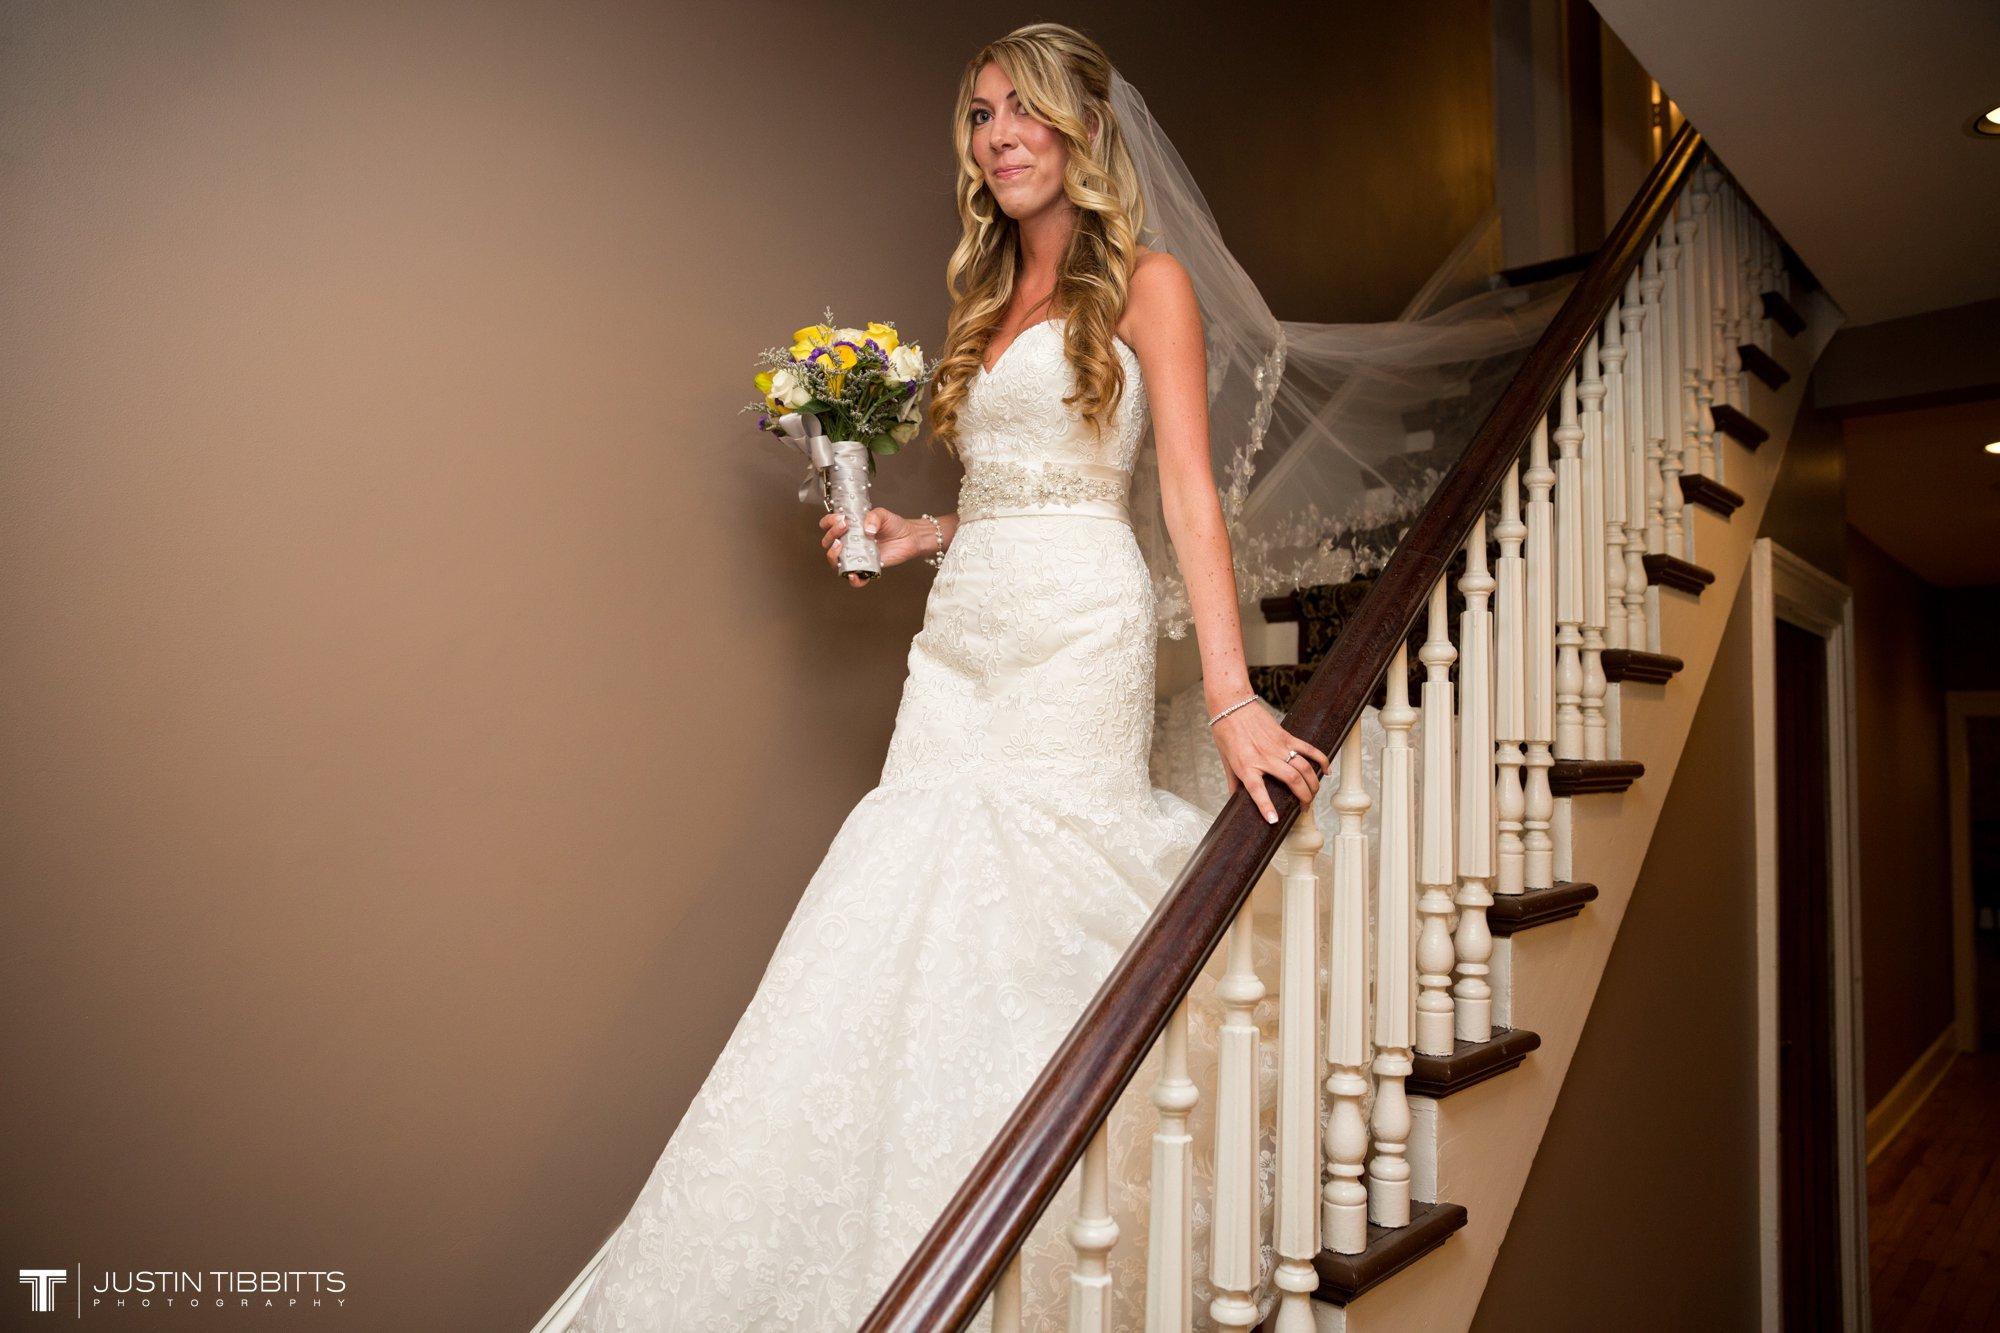 Albany NY Wedding Photographer Justin Tibbitts Photography 2014 Best of Albany NY Weddings-8114463